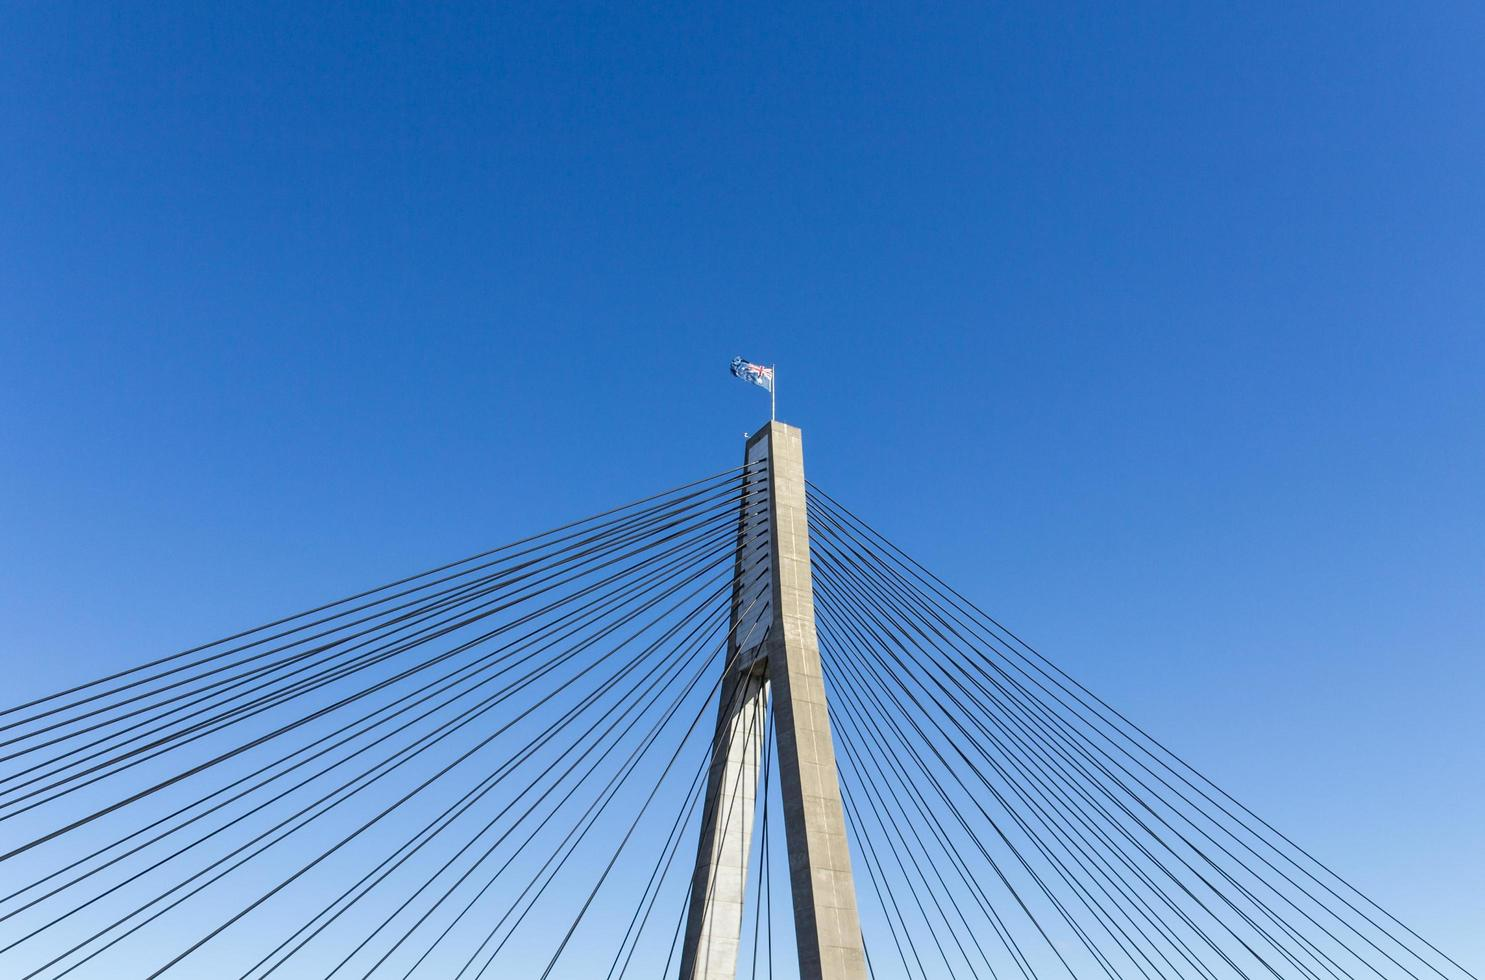 parte superiore del ponte con bandiera australiana foto